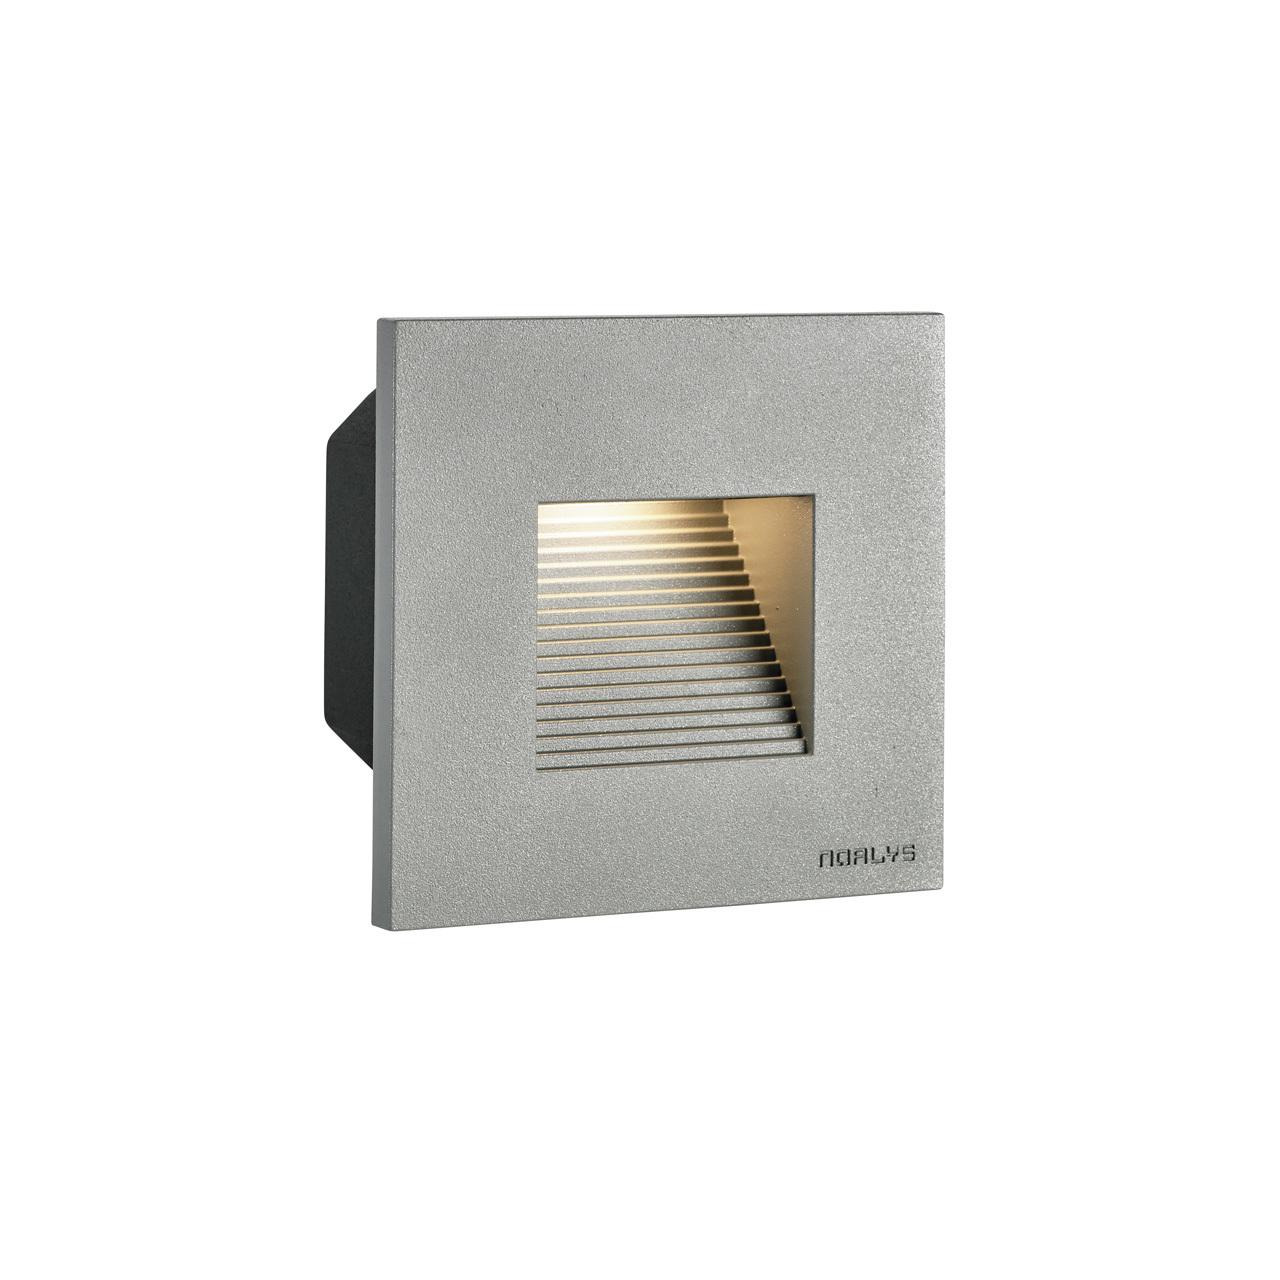 Lampa do zabudowania NAMSOS MINI LED 1340AL -Norlys  SPRAWDŹ RABATY  5-10-15-20 % w koszyku